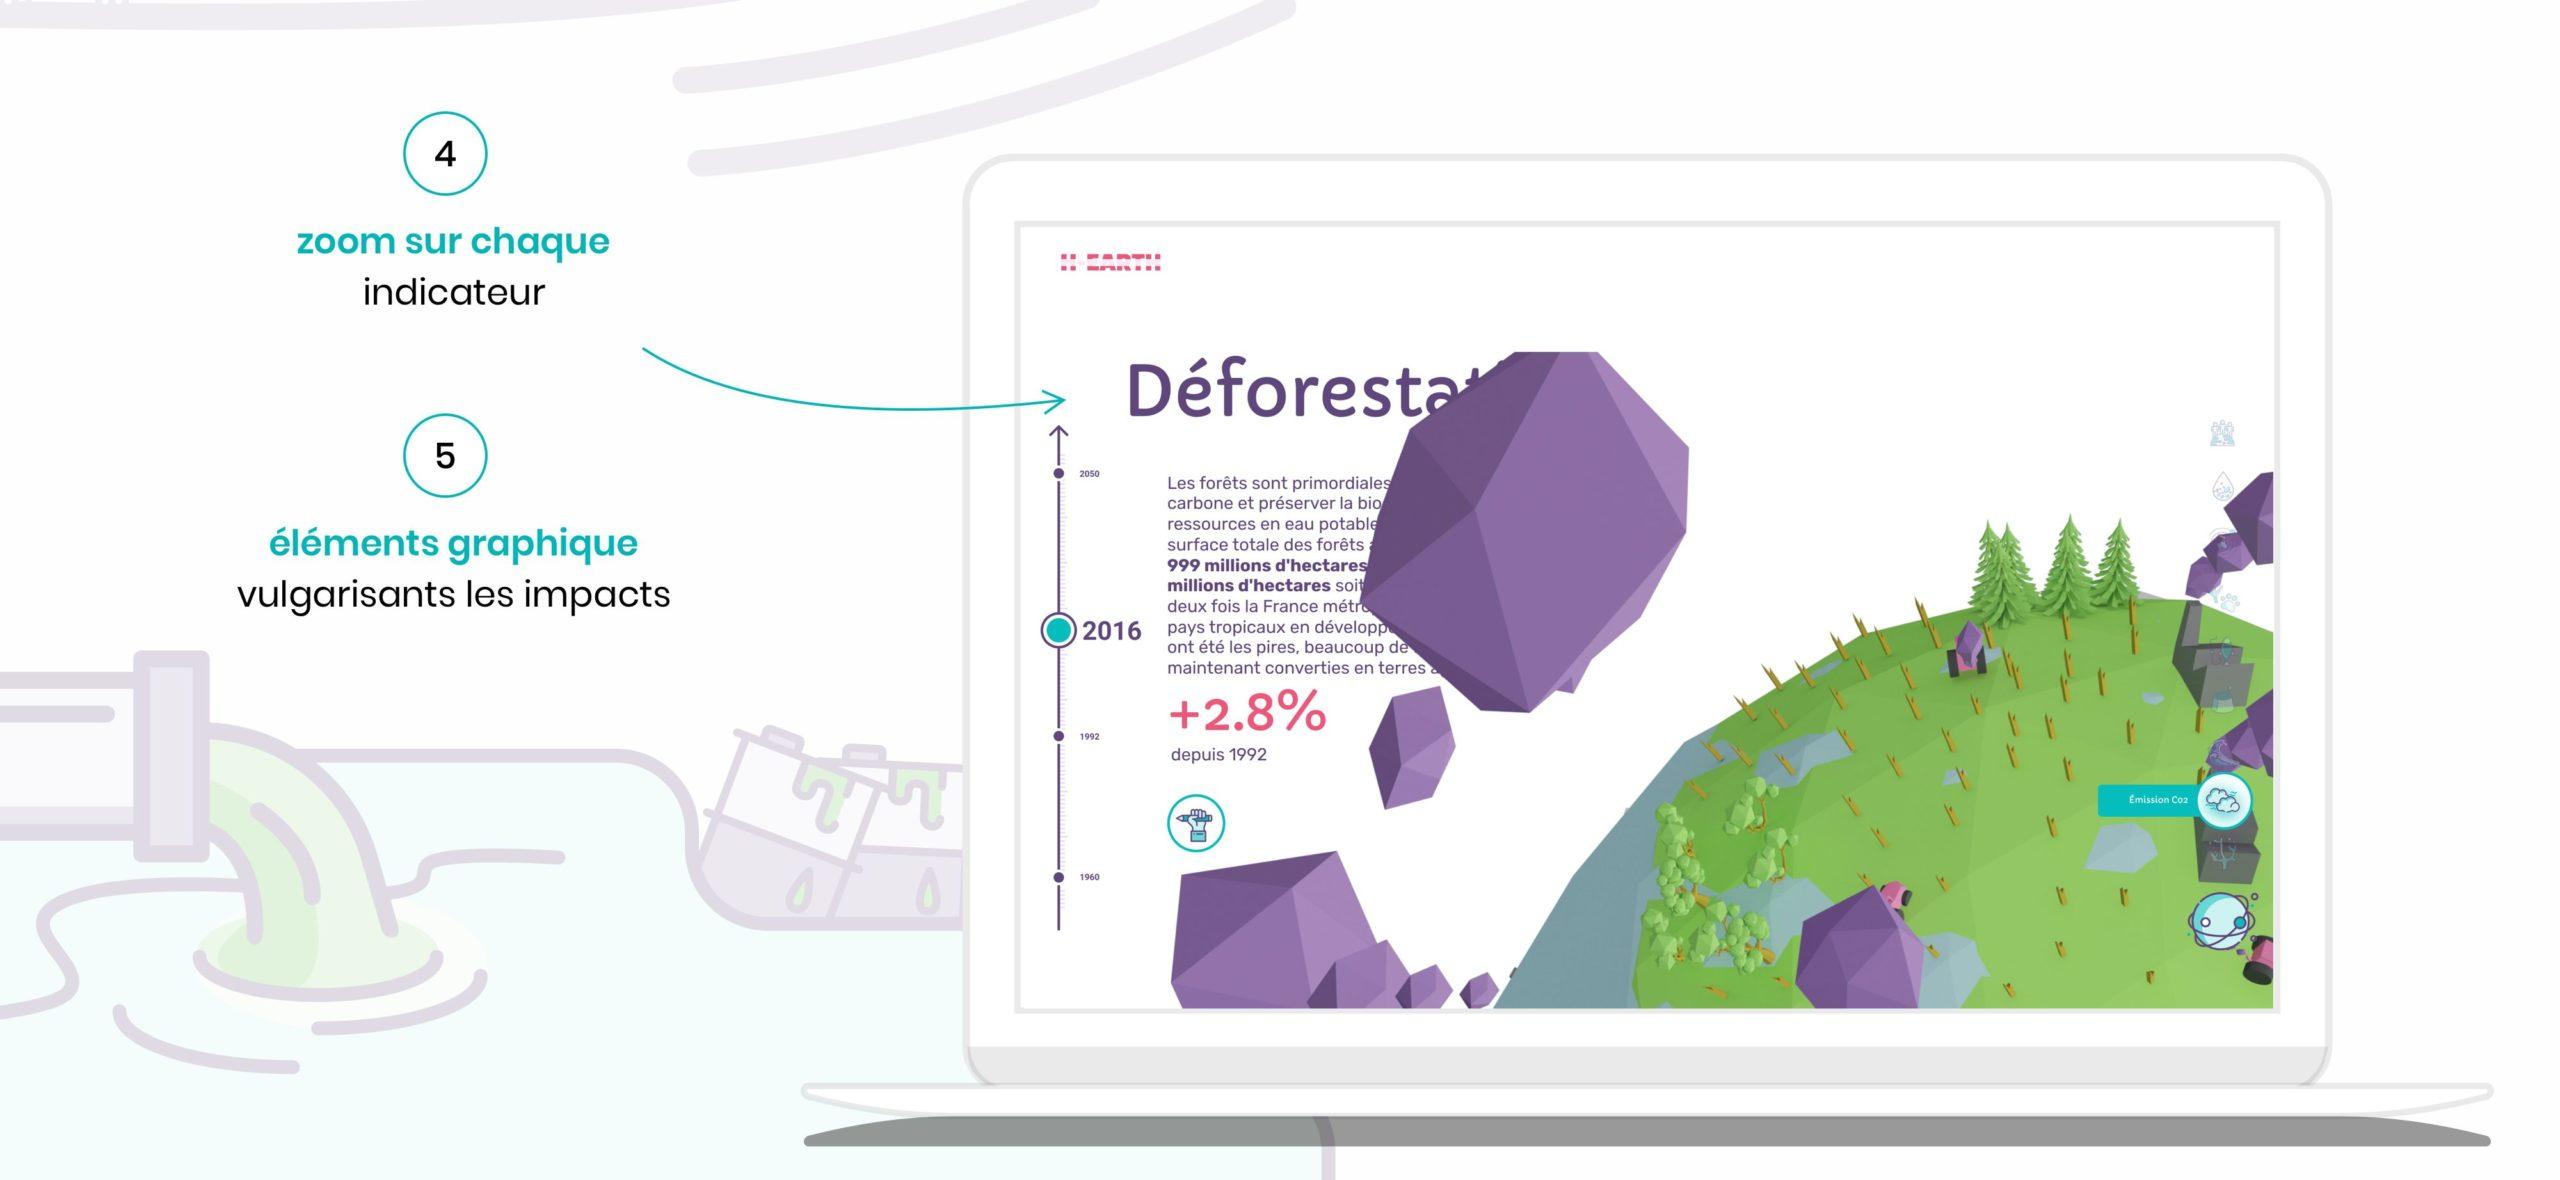 CandiceH Projet H-earth UX-UI-Design ; Vulgarisation Réchauffement Climatique Design03